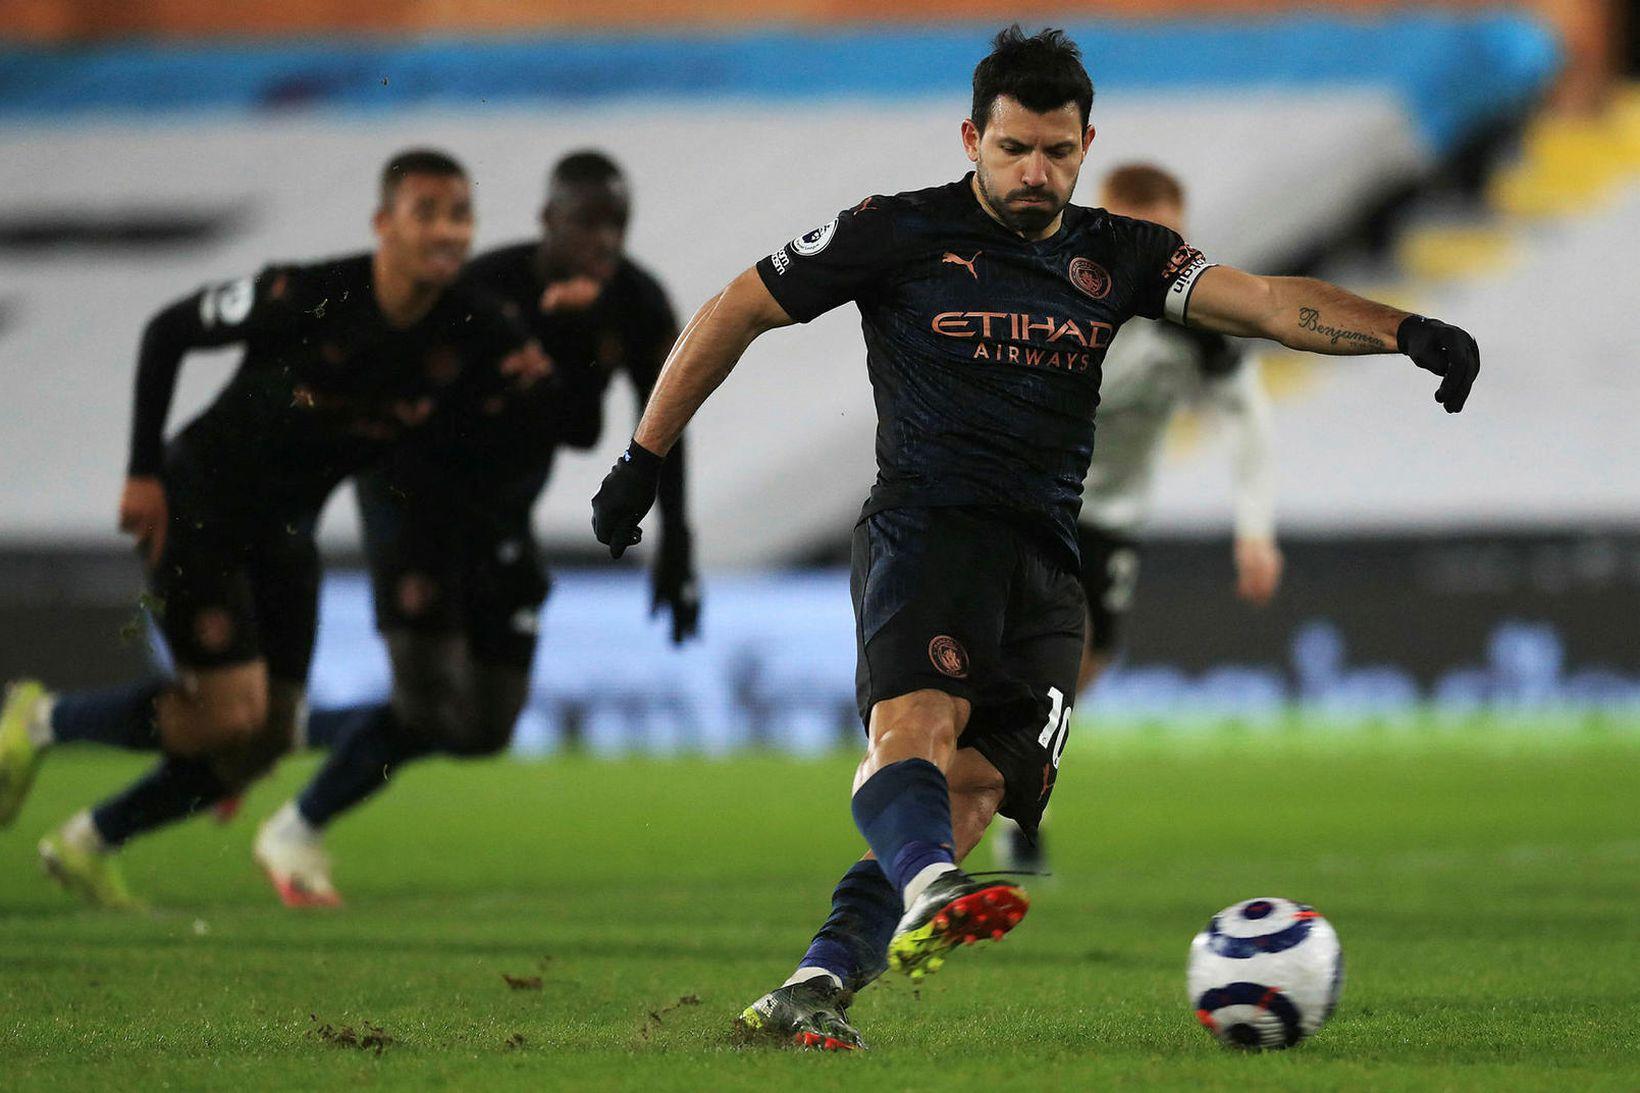 Sergio Agüero skoraði úr vítaspyrnu gegn Fulham.